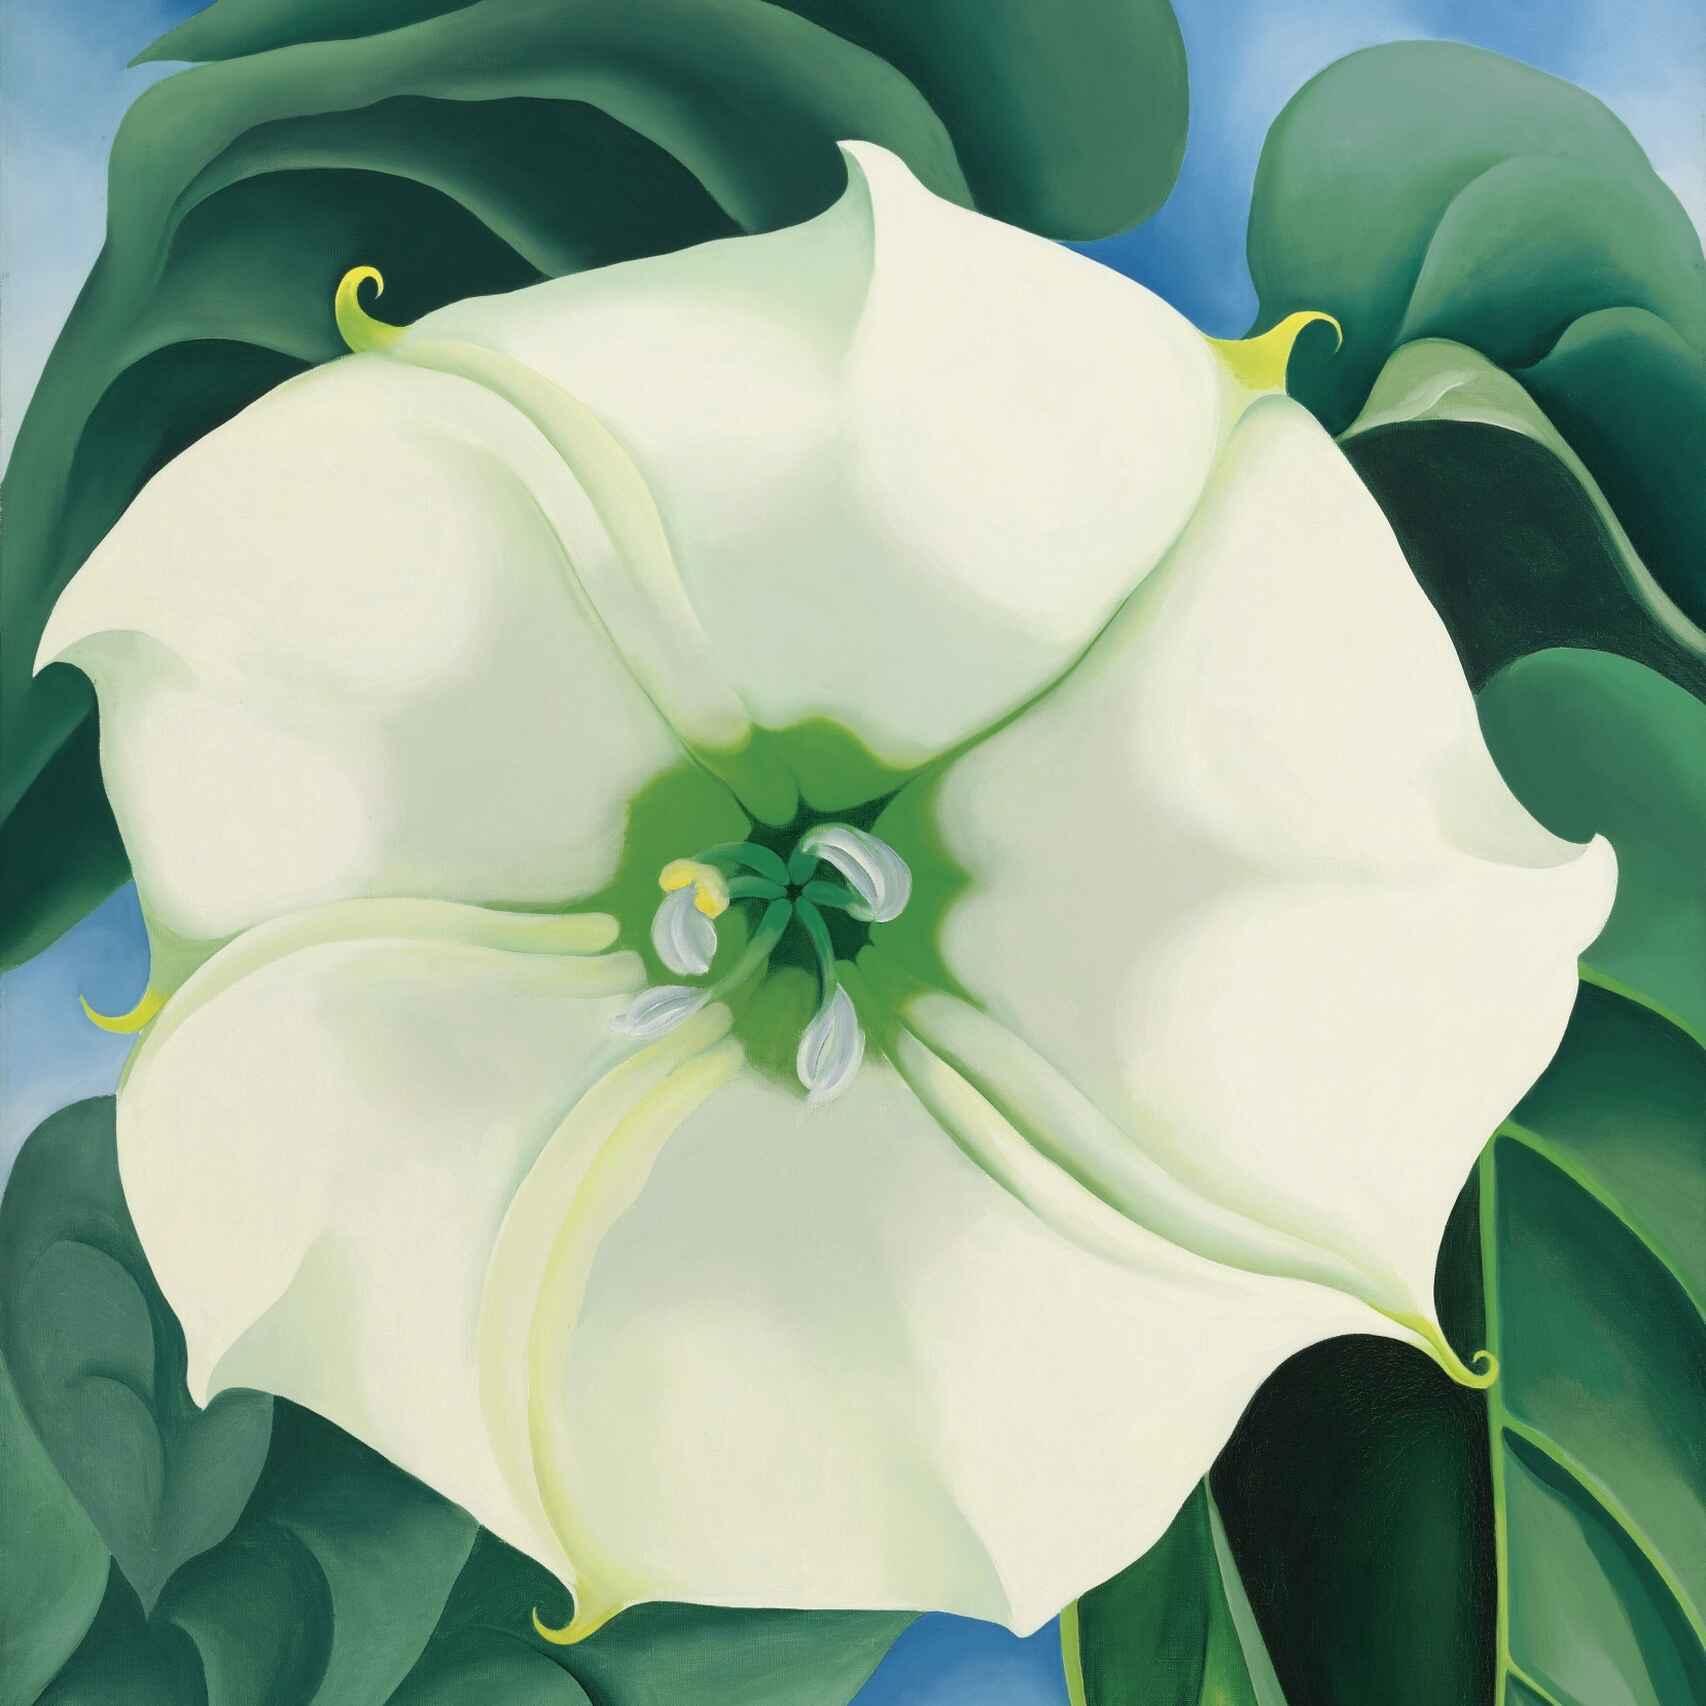 'Jimson Weed/Flor Blanca nº 1', pintada por Georgia O'Keeffe en 1932.